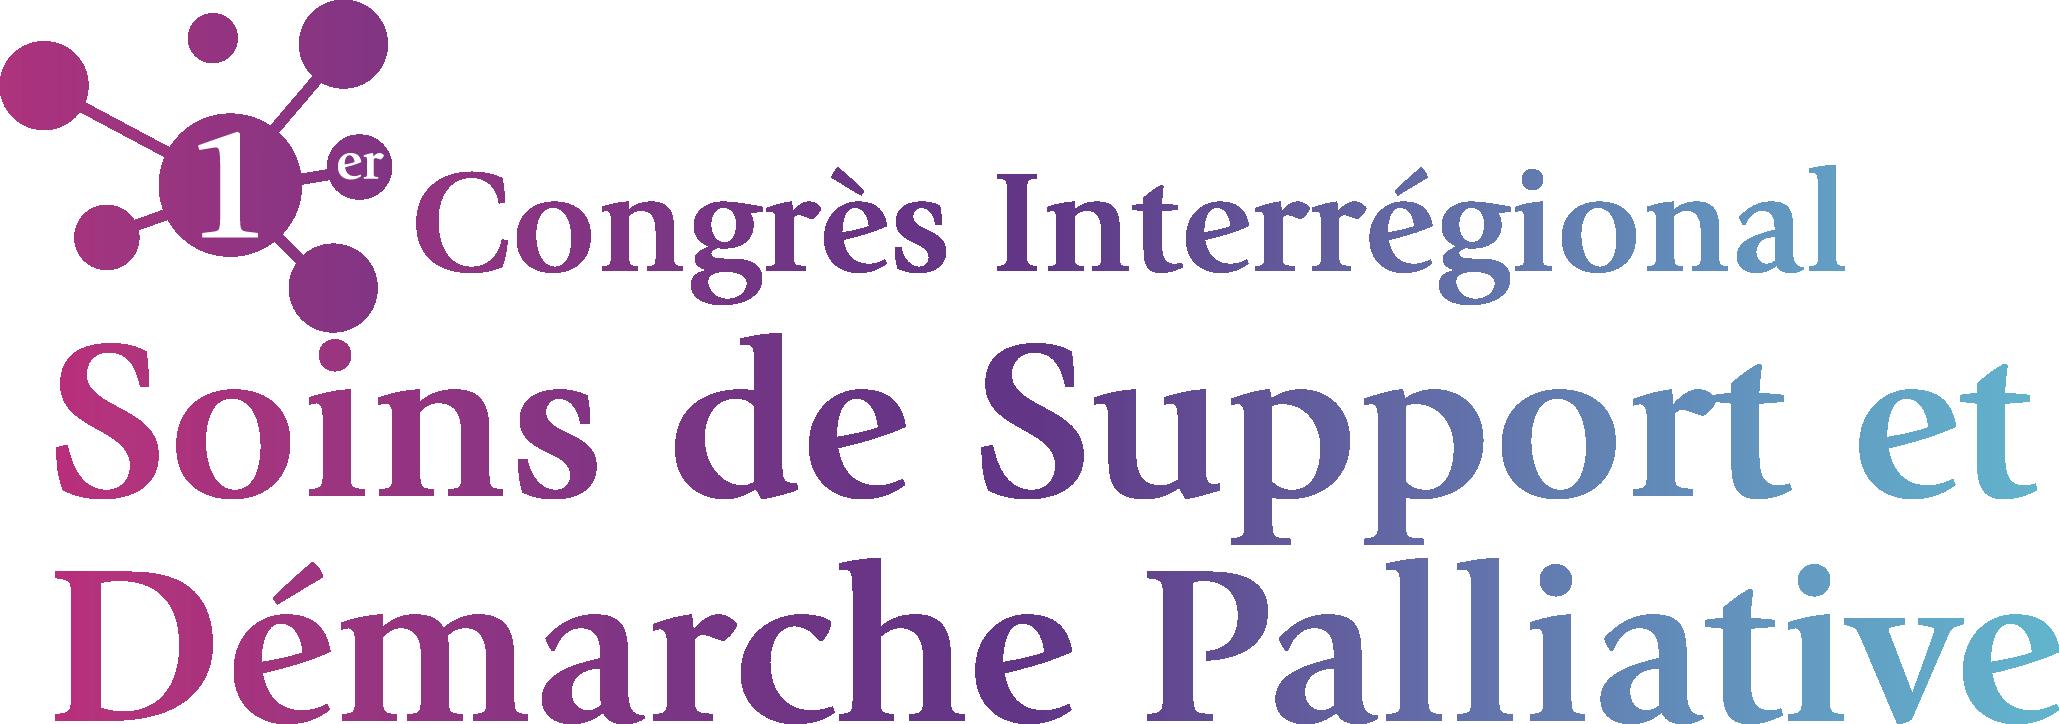 1er congrès Interrégional de Soins de Support et Démarche Palliative